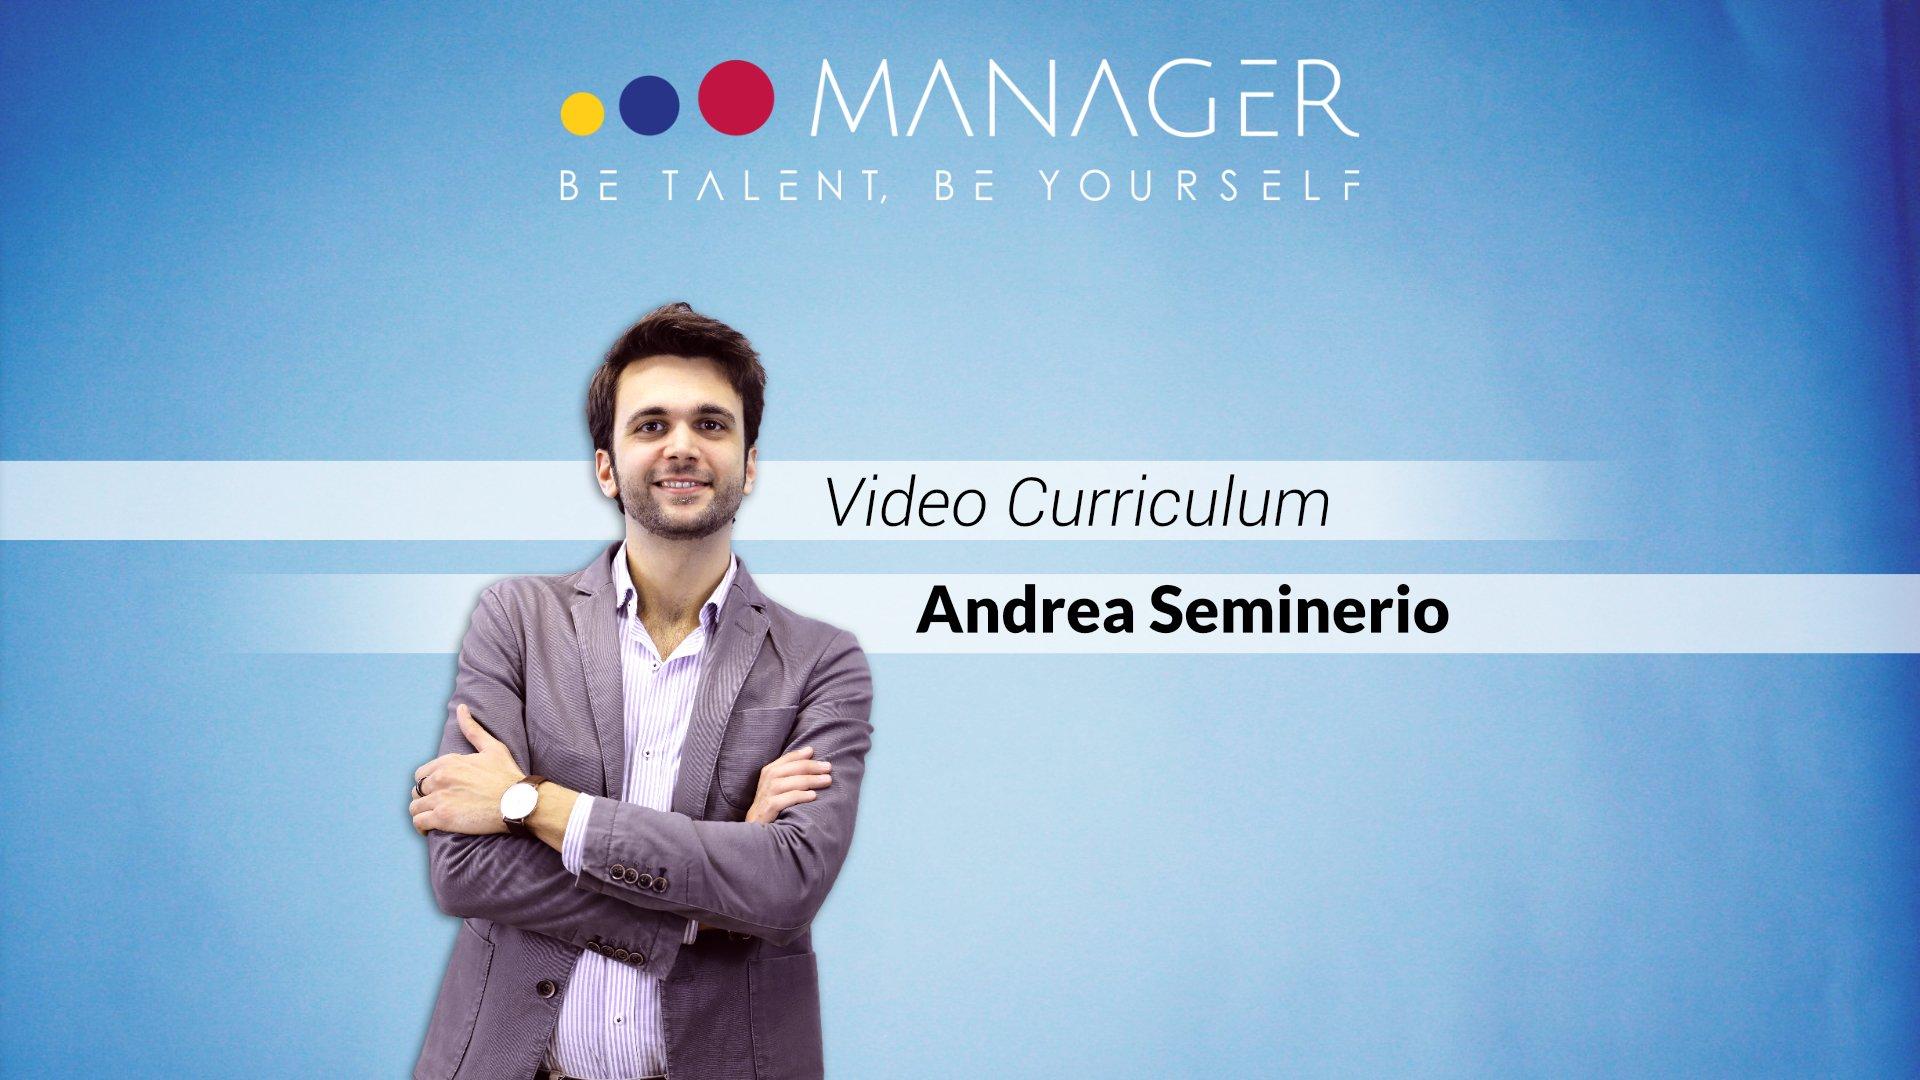 video curriculum Andrea Seminerio